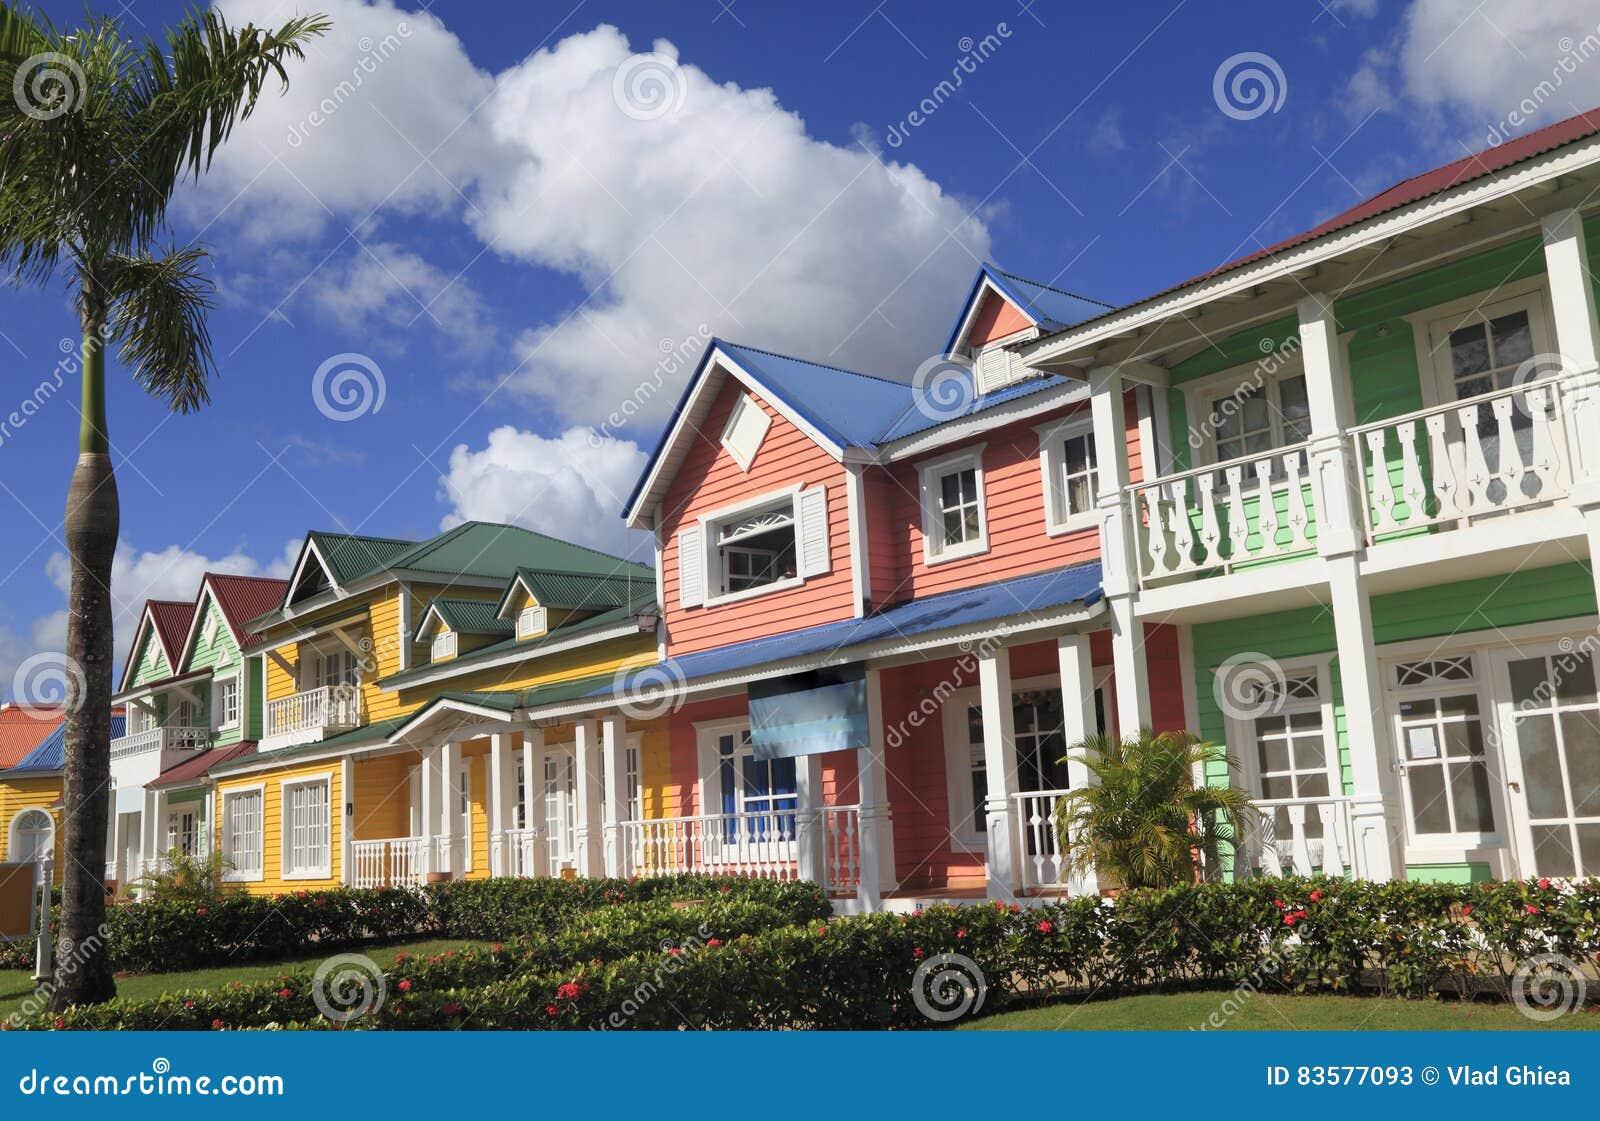 Las casas de madera pintadas en colores brillantes del - Casas de madera pintadas ...